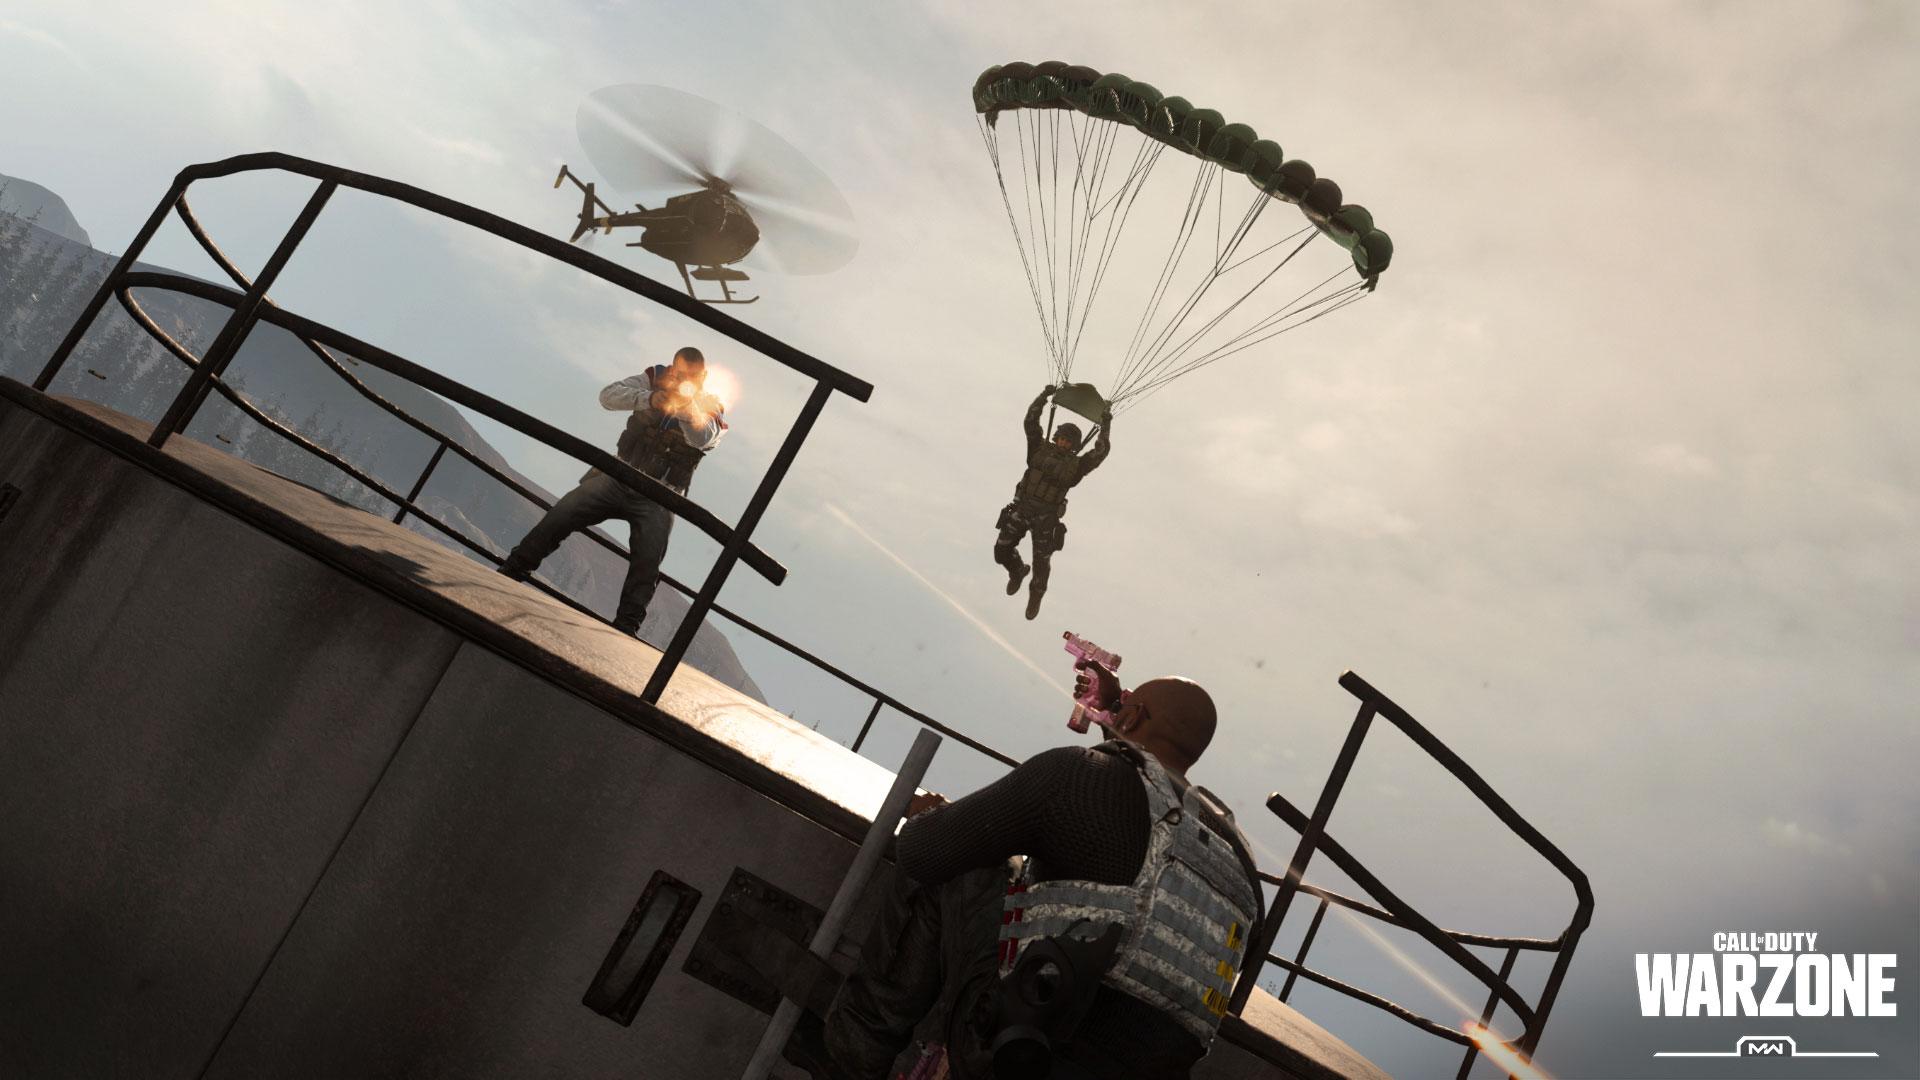 Warzone Parachute Techniques - Image 2